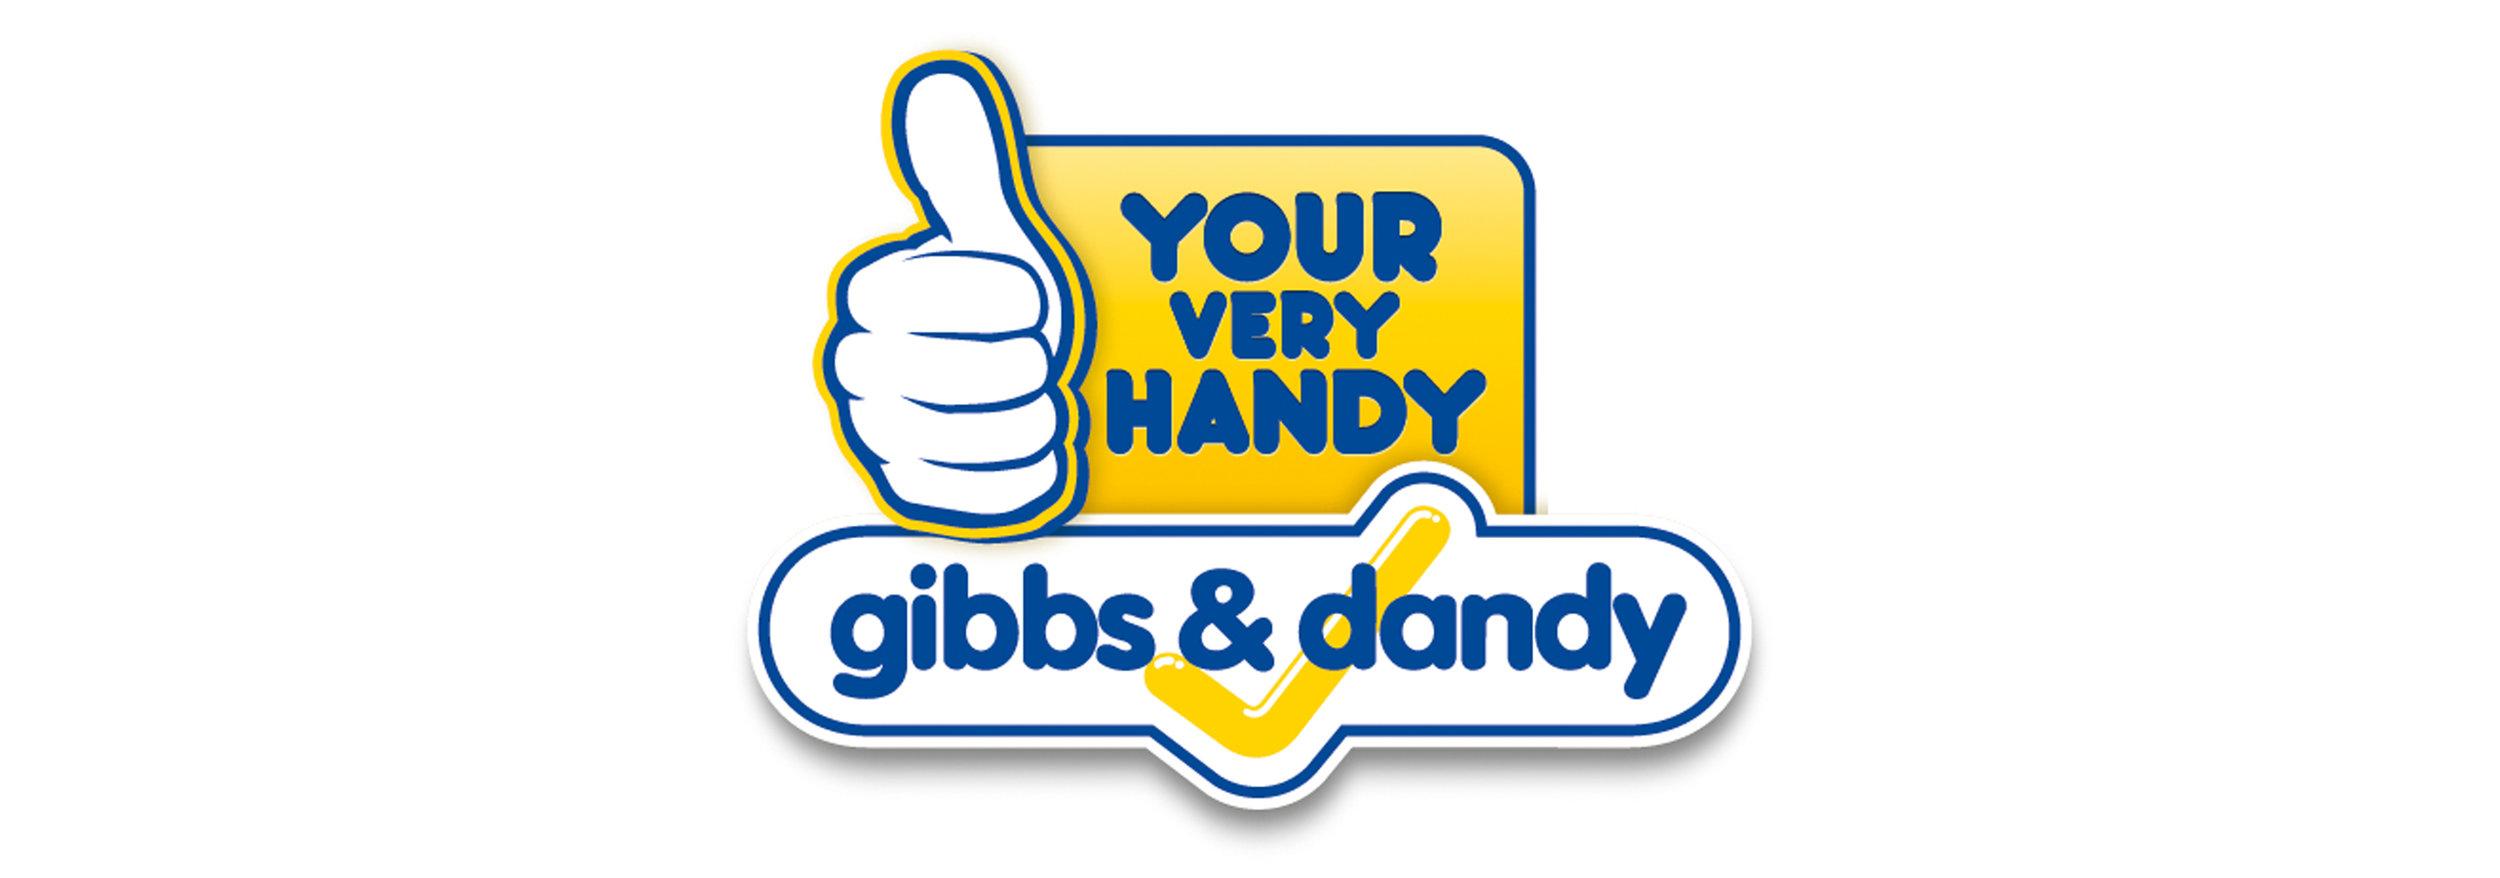 gibbs&dandy_sponsor.jpg